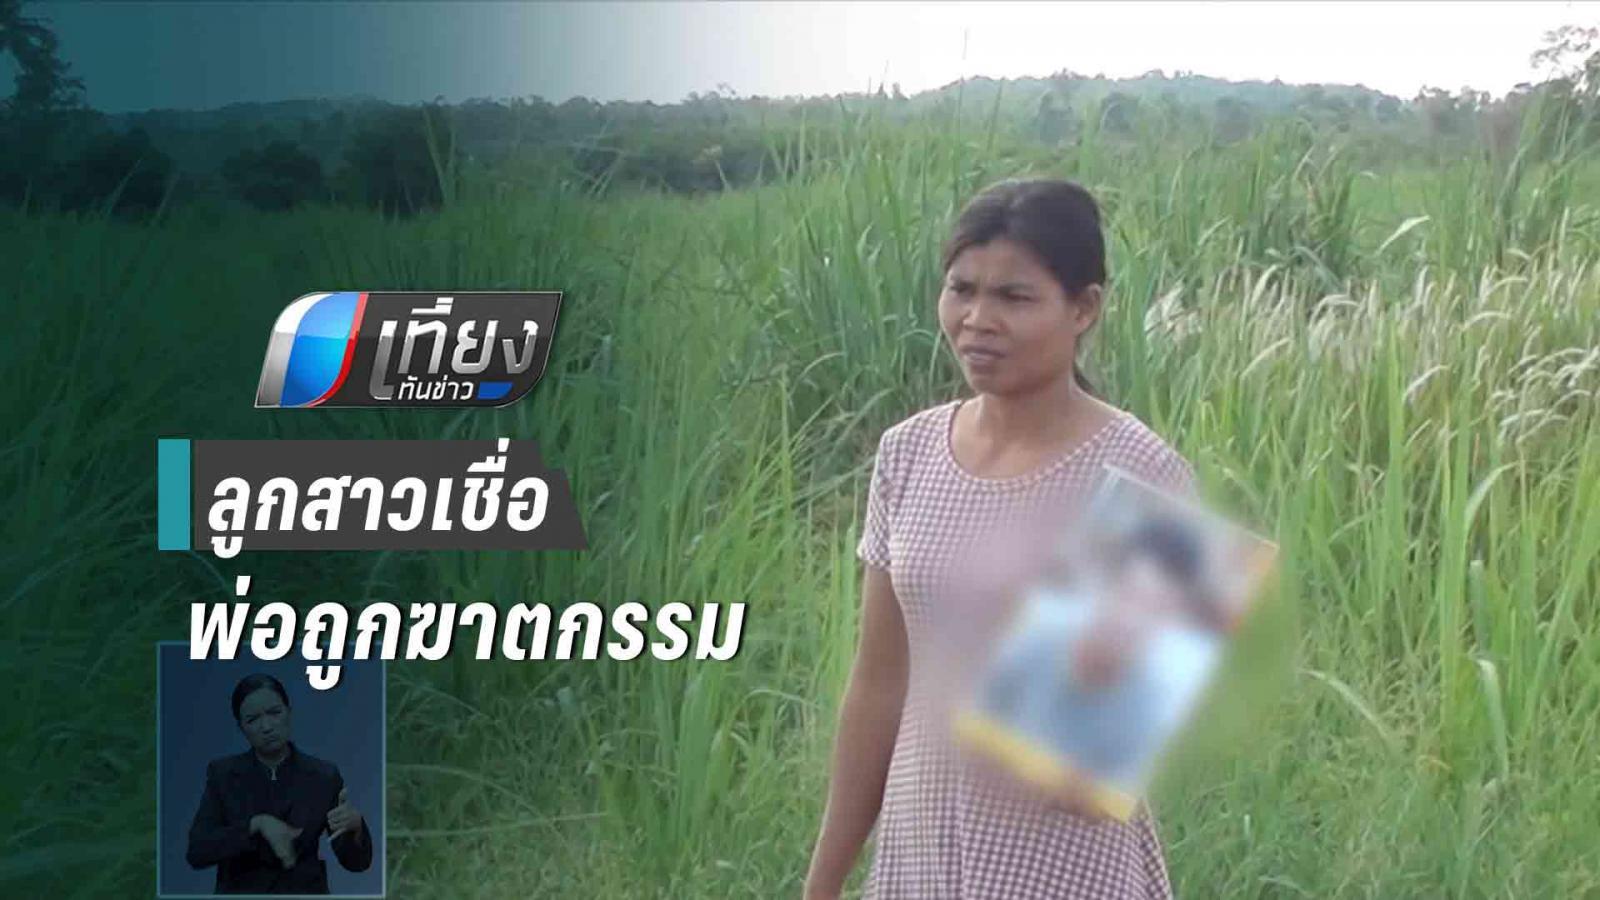 ลูกสาวเชื่อพ่อถูกฆ่าเนื่องจากทะเลาะกับเพื่อนบ้าน